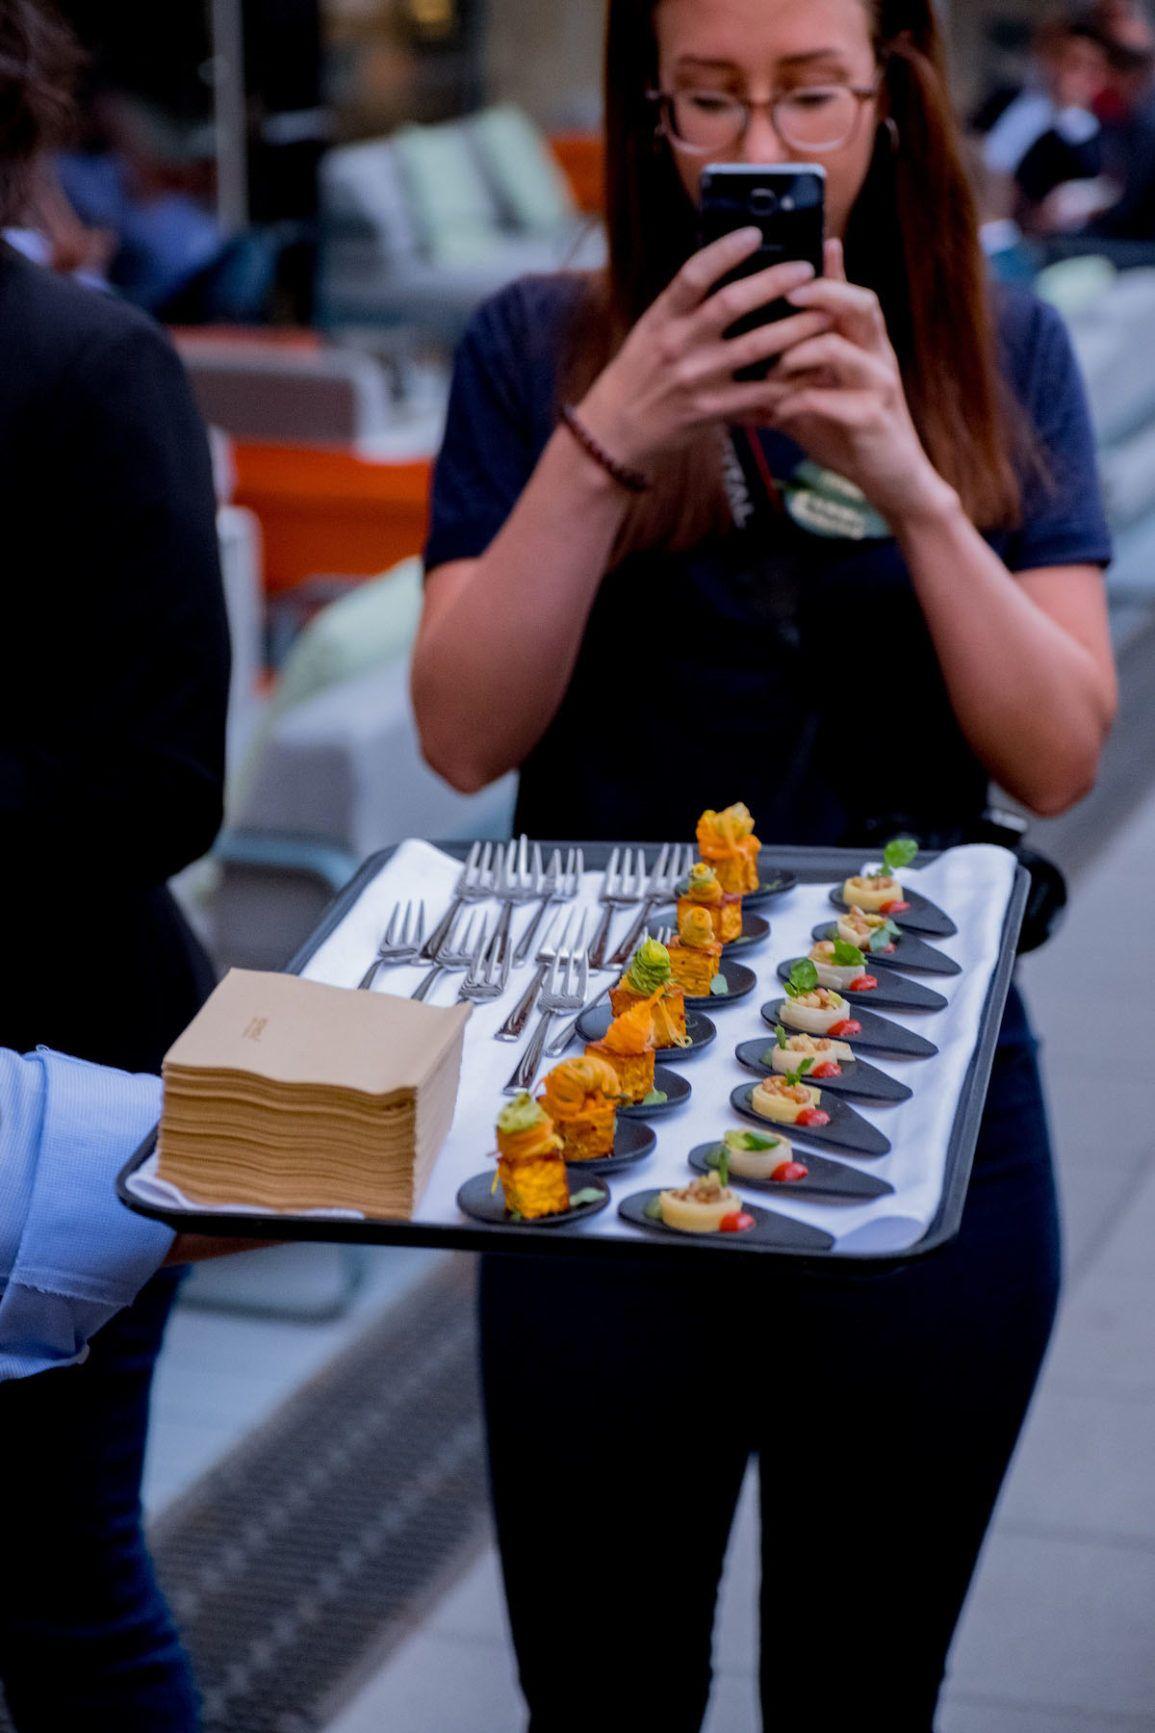 Foodblog, About Fuel, Leckerbissen, Scandic Hotel Frankfurt, Vorspeisen, Dinner, Kürbis